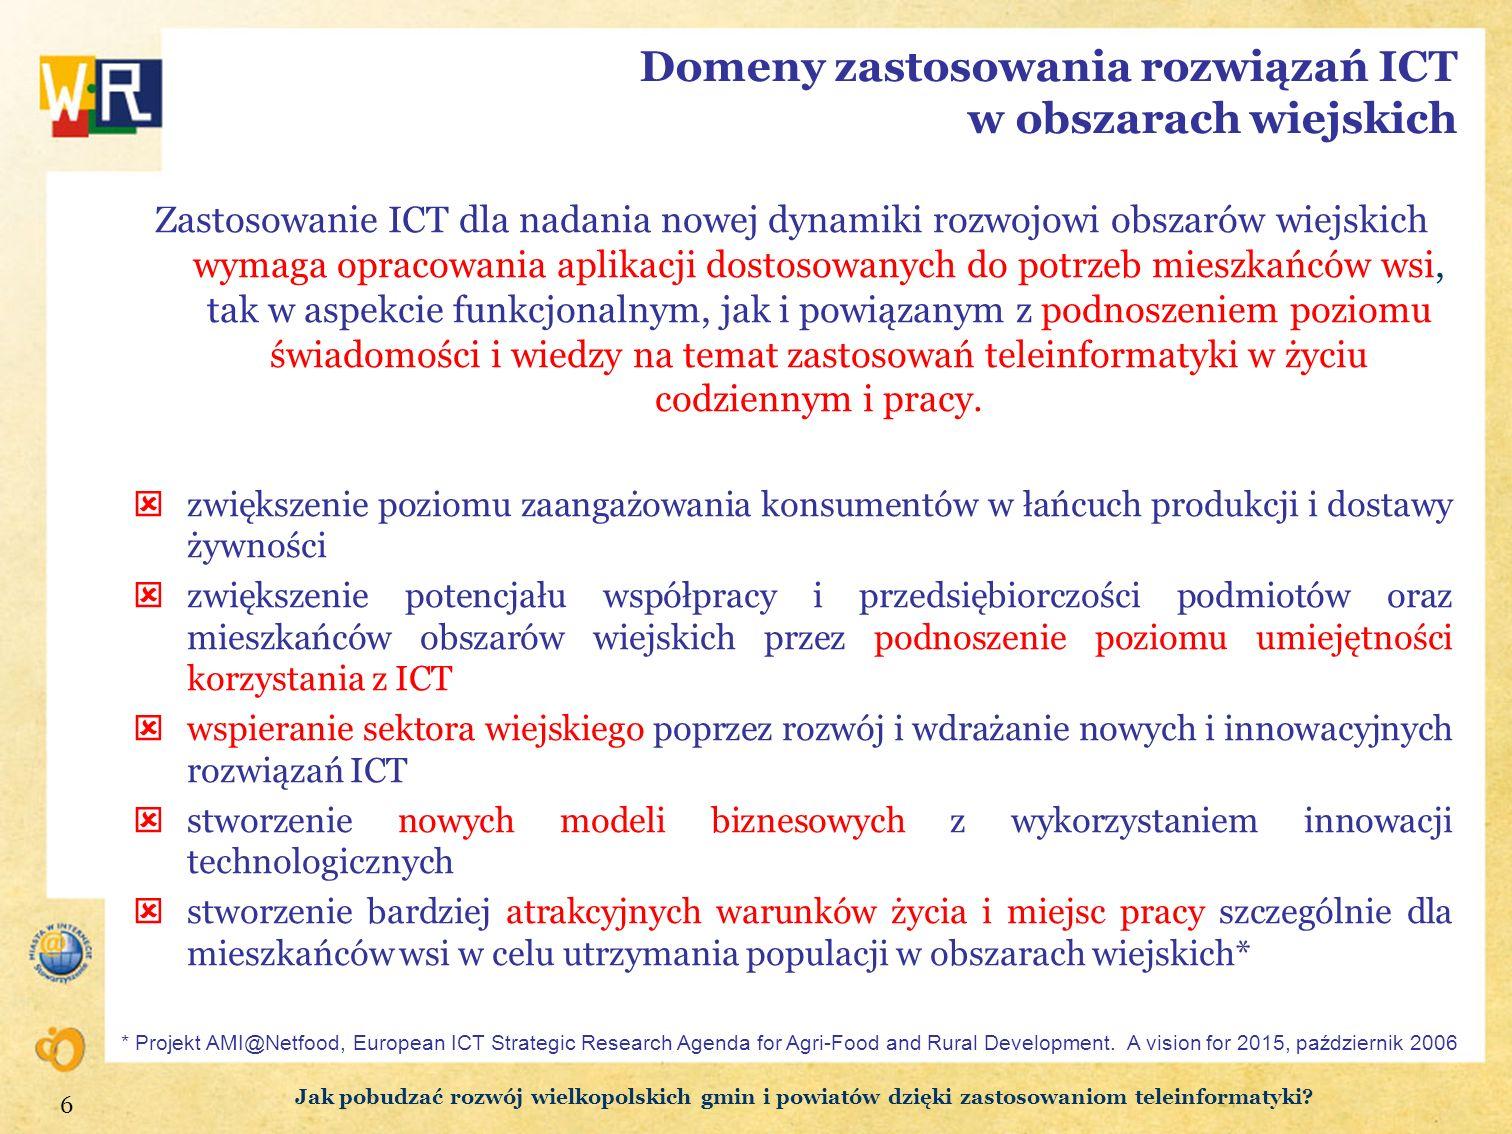 Domeny zastosowania rozwiązań ICT w obszarach wiejskich